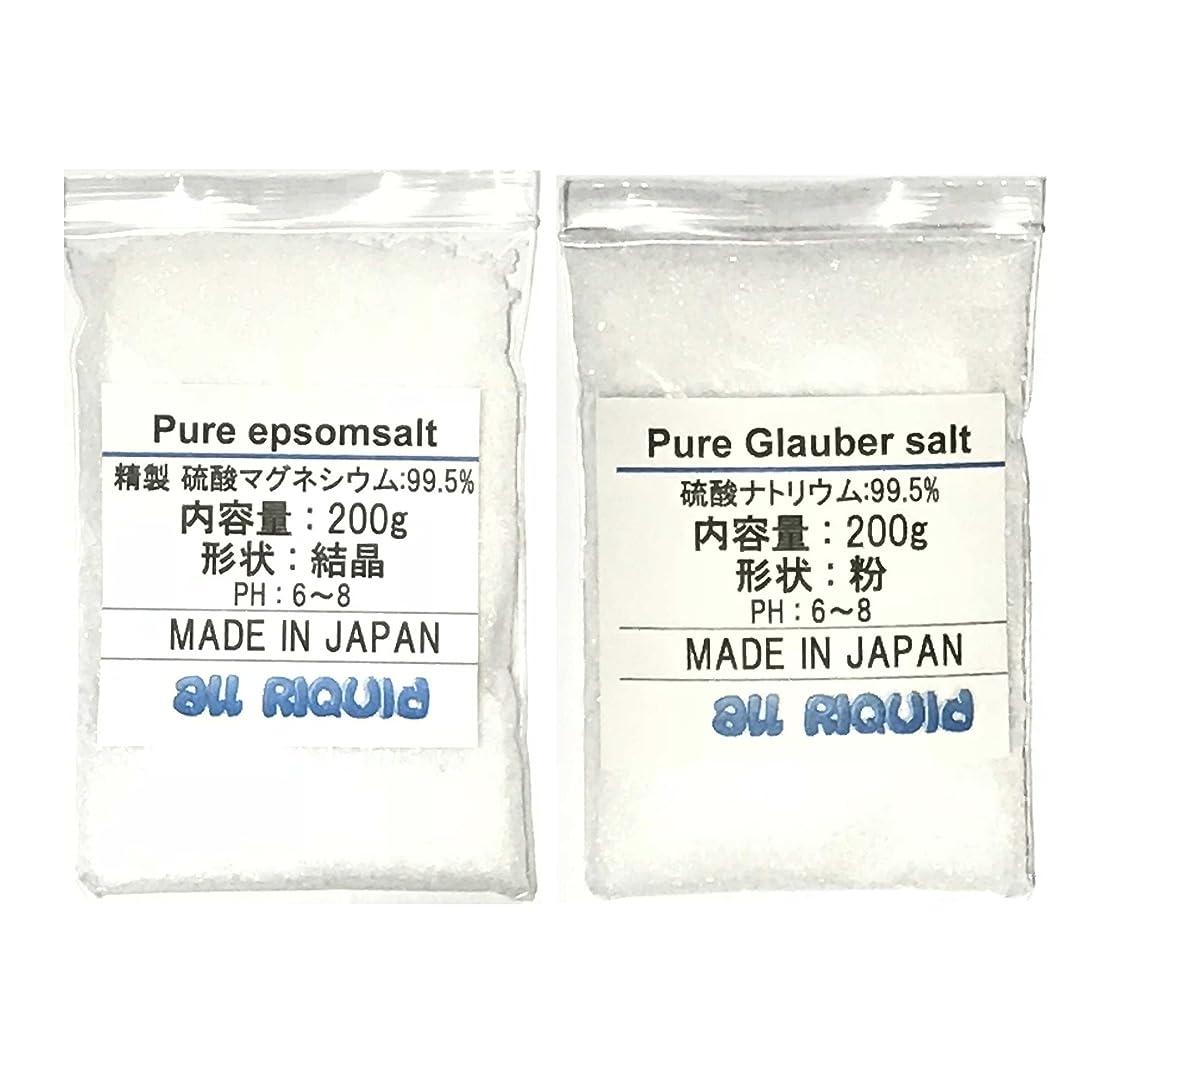 複数払い戻し活気づける純 エプソムソルト グラウバーソルト 200g 4セット (硫酸マグネシウム?硫酸ナトリウム) 国産品 オールリキッド 芒硝